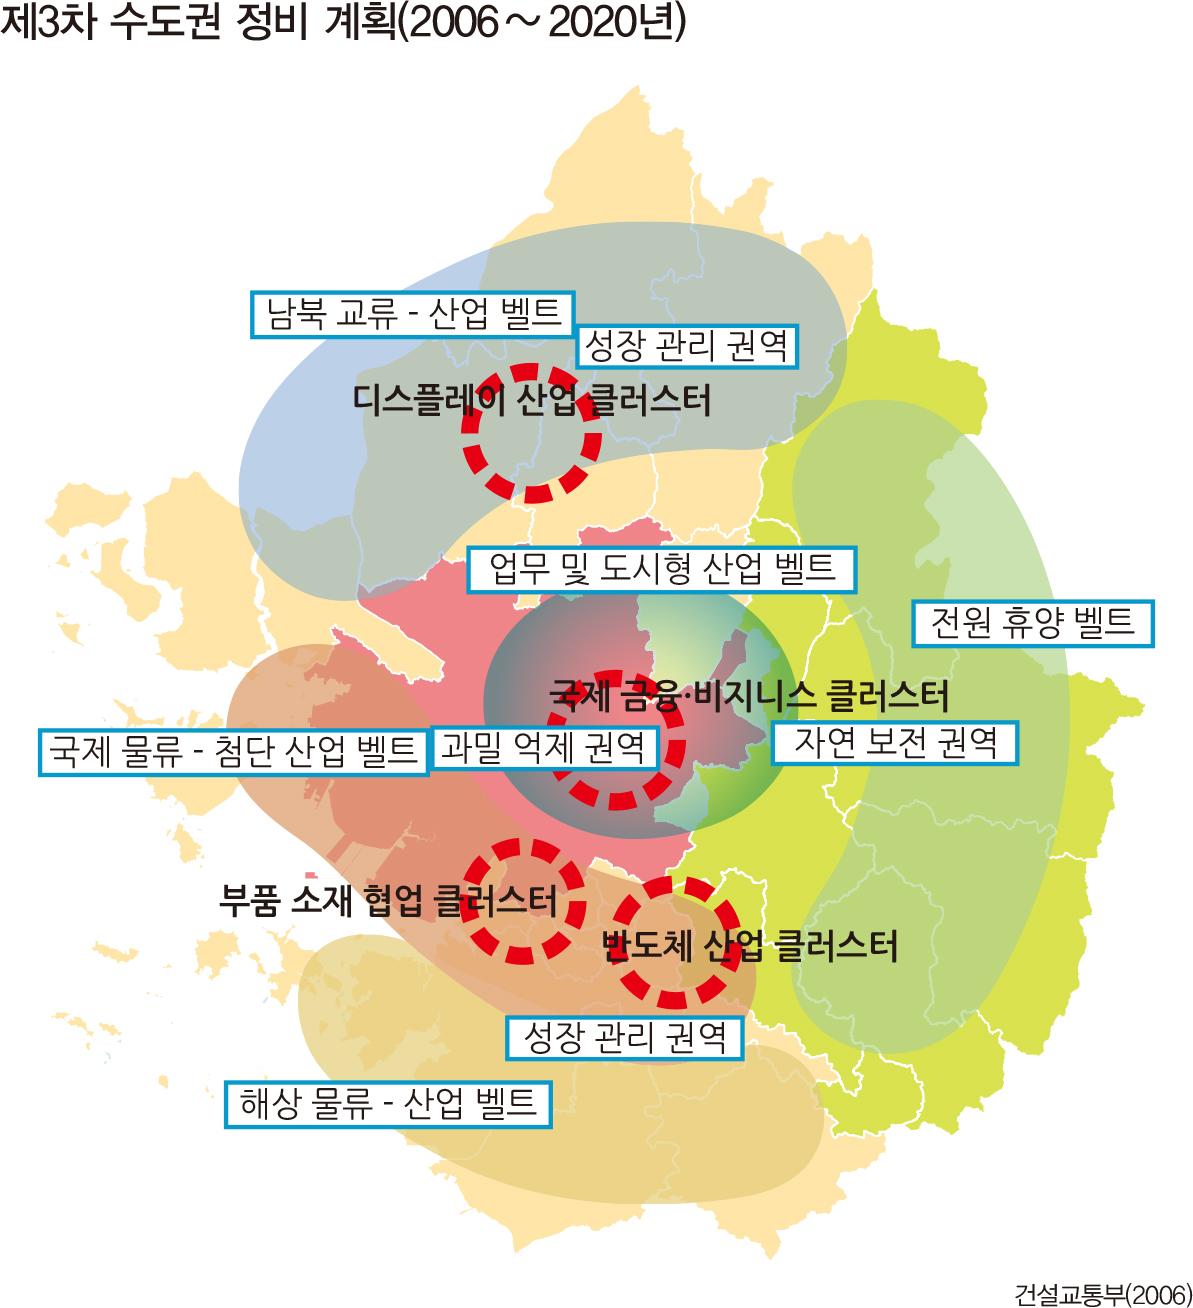 제3차 수도권 정비 계획(2006 ~ 2020년)